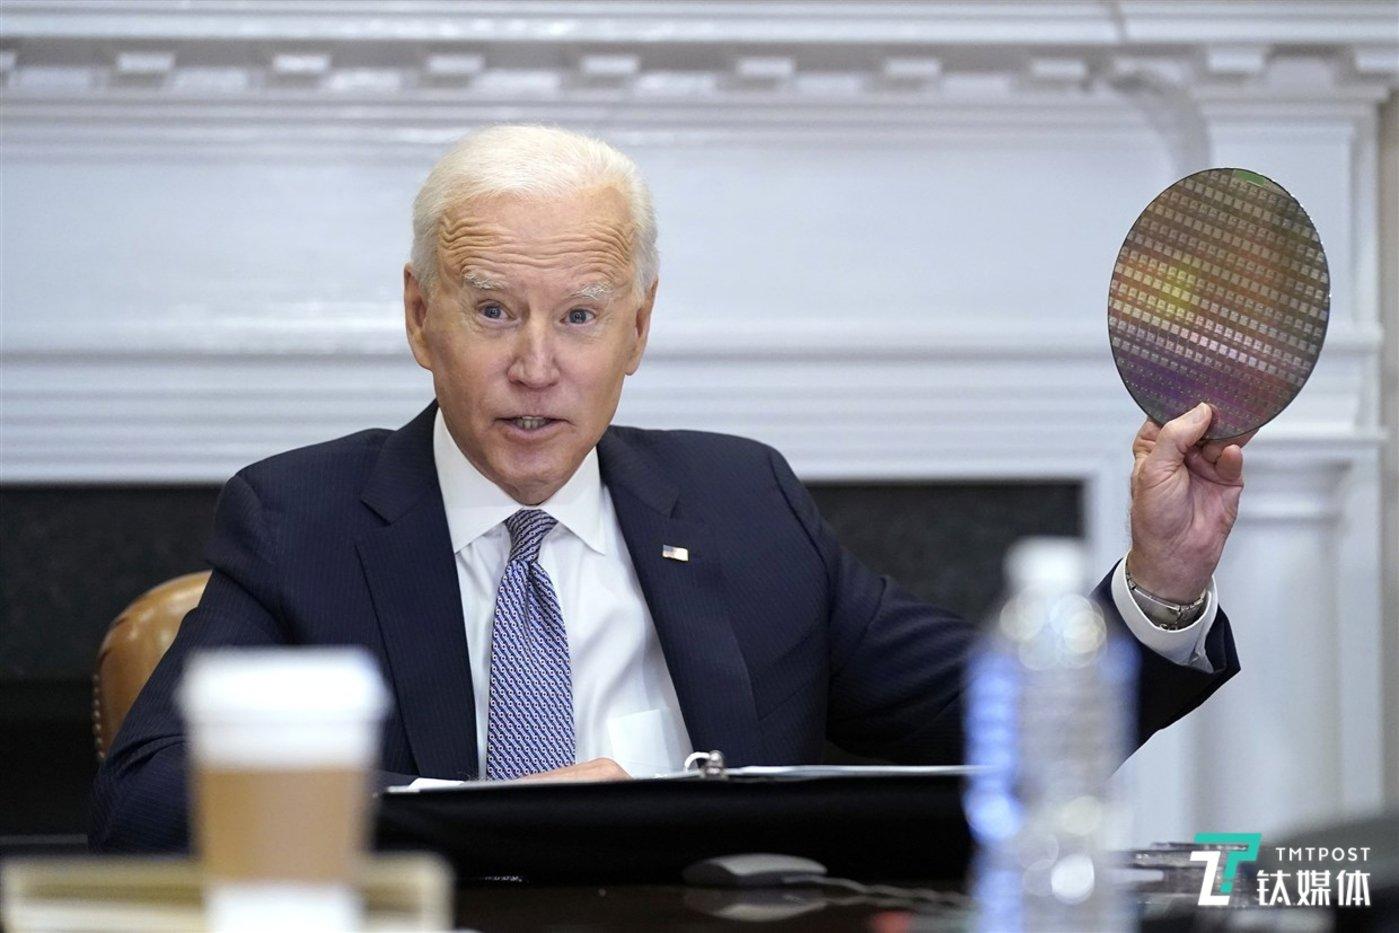 美国总统拜登手拿晶圆(来源:CNBC)